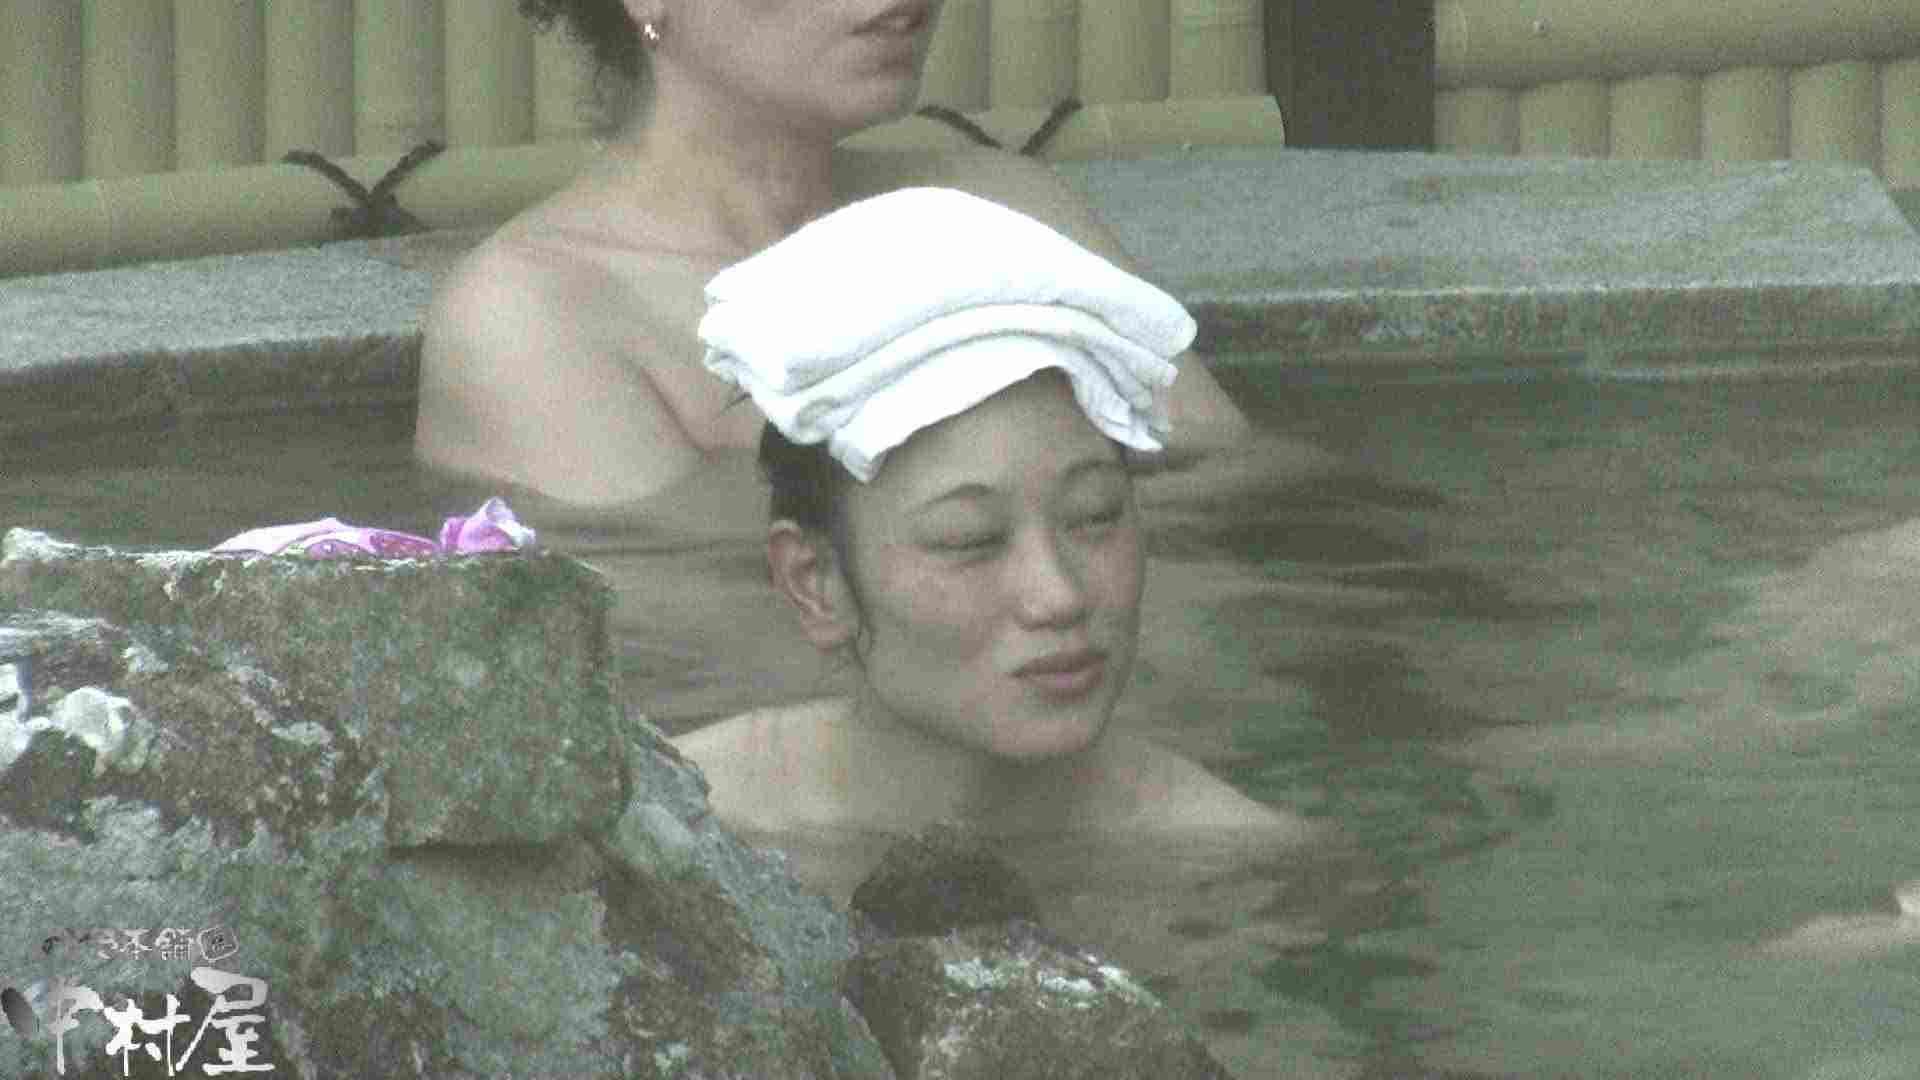 Aquaな露天風呂Vol.914 露天 | 盗撮  98pic 27